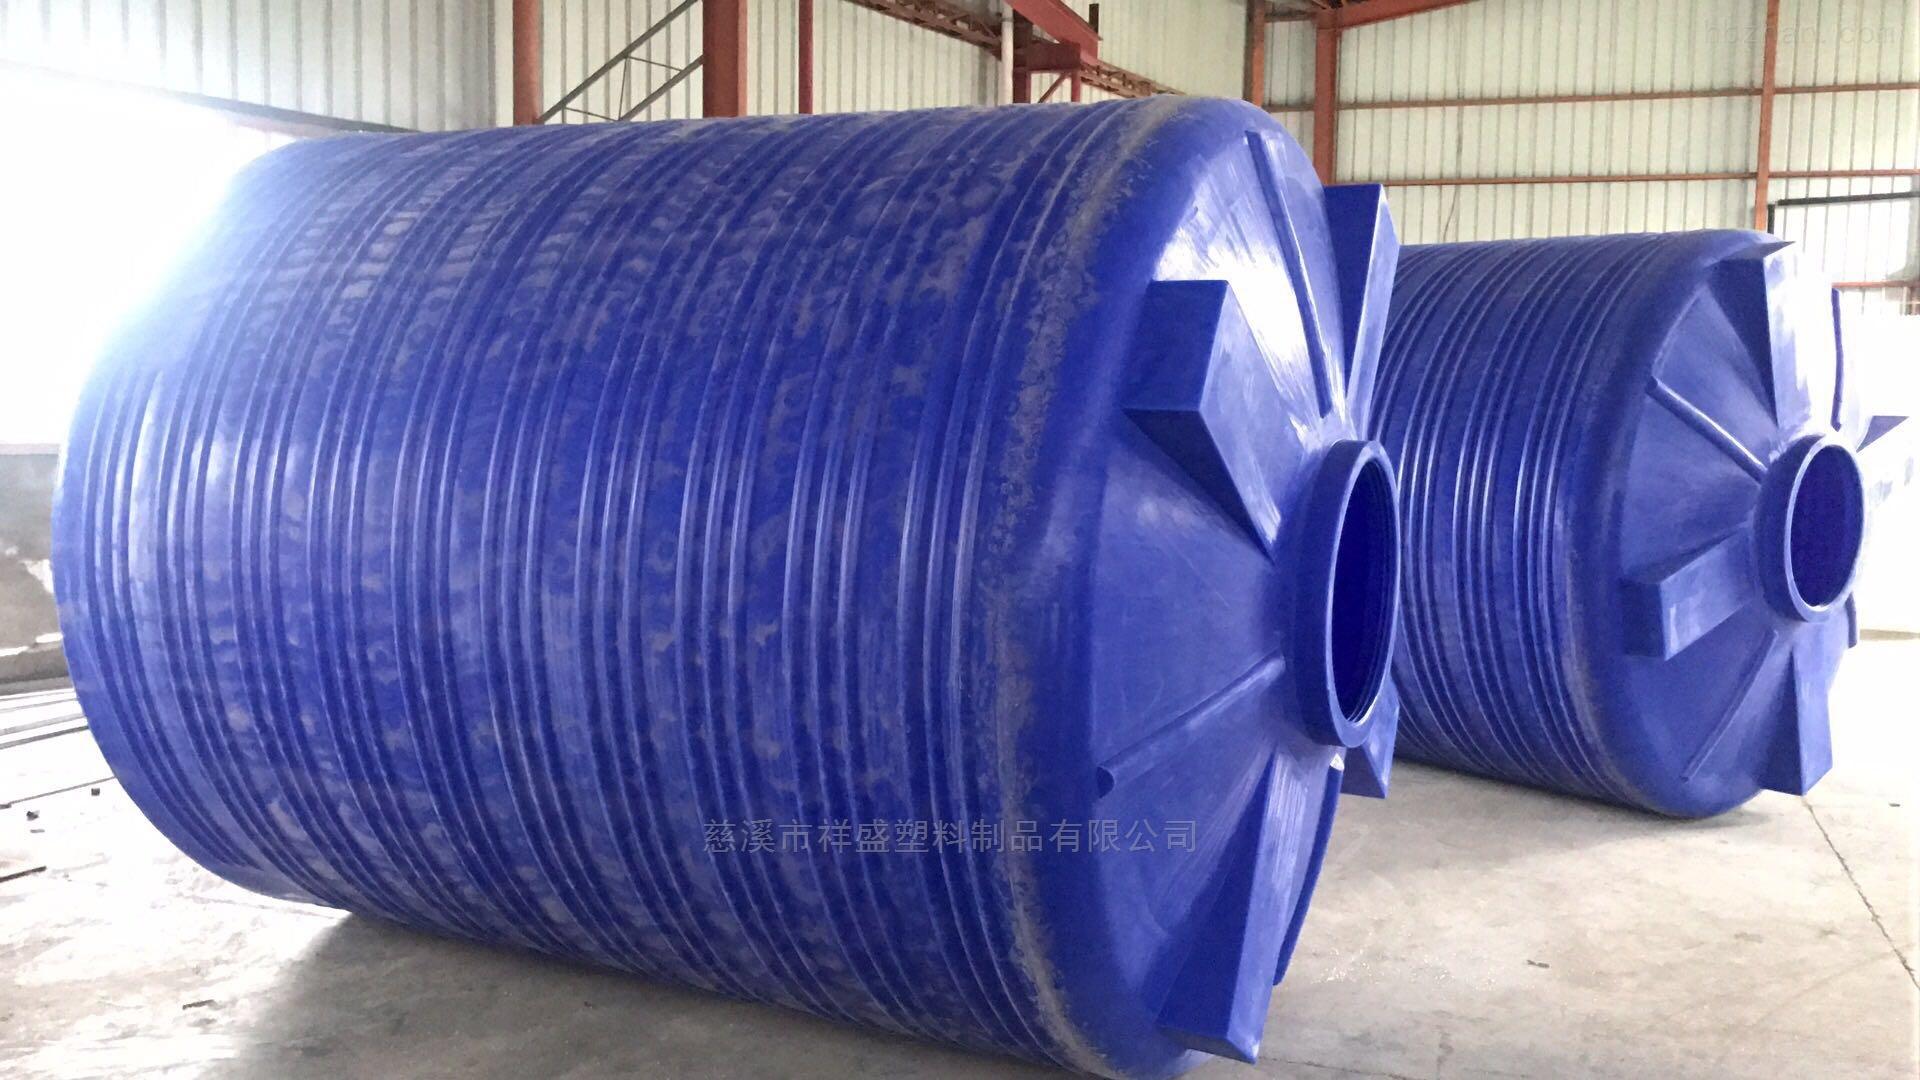 綠化儲水桶鼓樓區